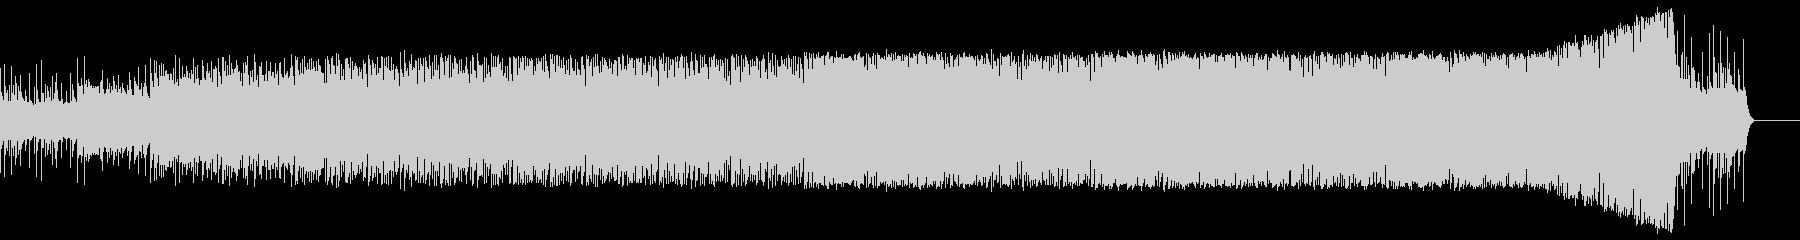 無機質で実験的なミニマル系BGMの未再生の波形